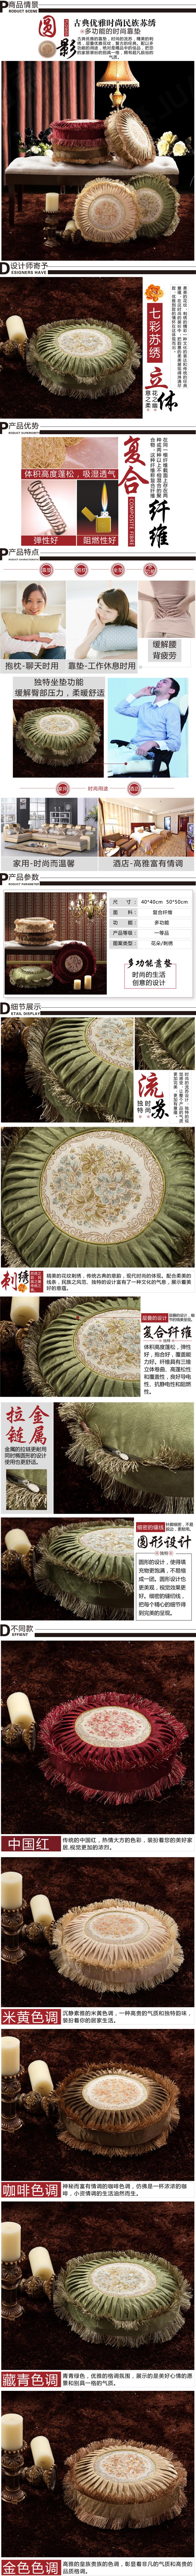 坐垫绣花绗绣欧式方形圆形加厚倒须边靠垫图片